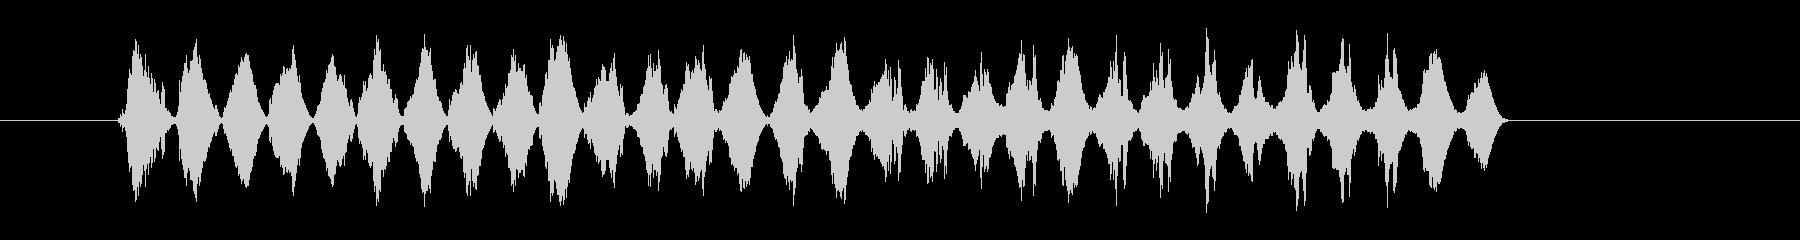 テロップSE グラフ ジリジリの未再生の波形